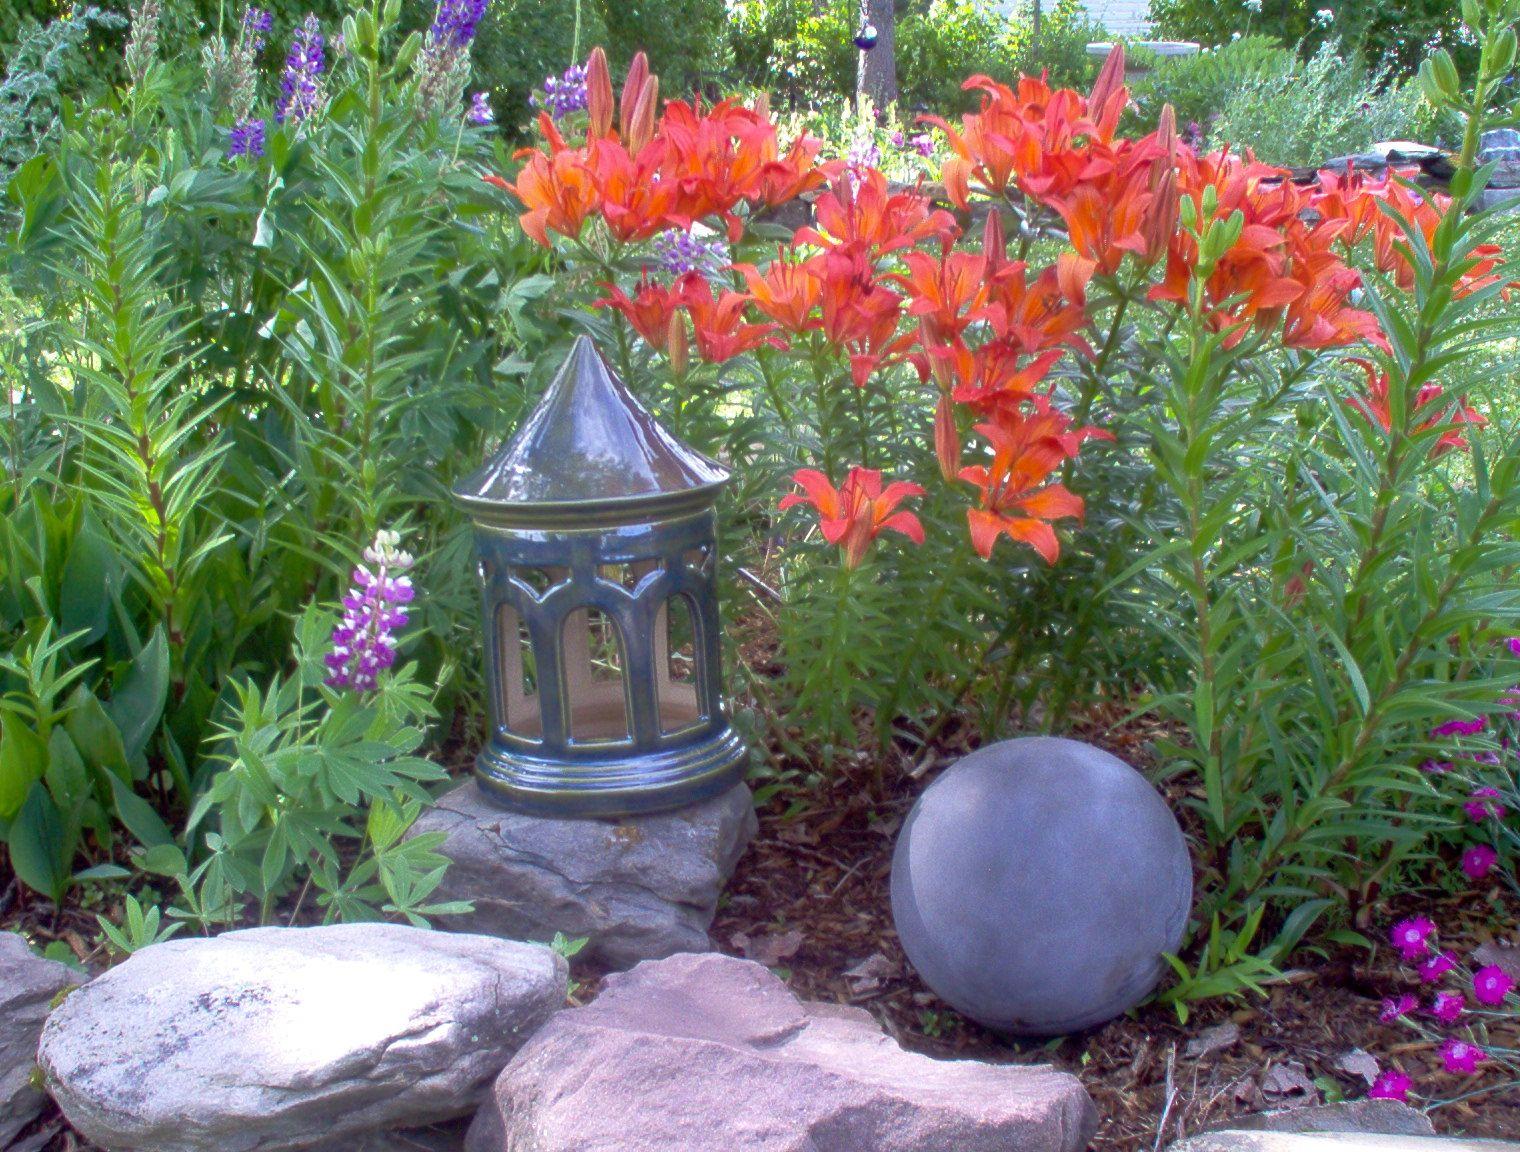 Garden decor. tsb | garden decor | Pinterest | Gardens and Garden art